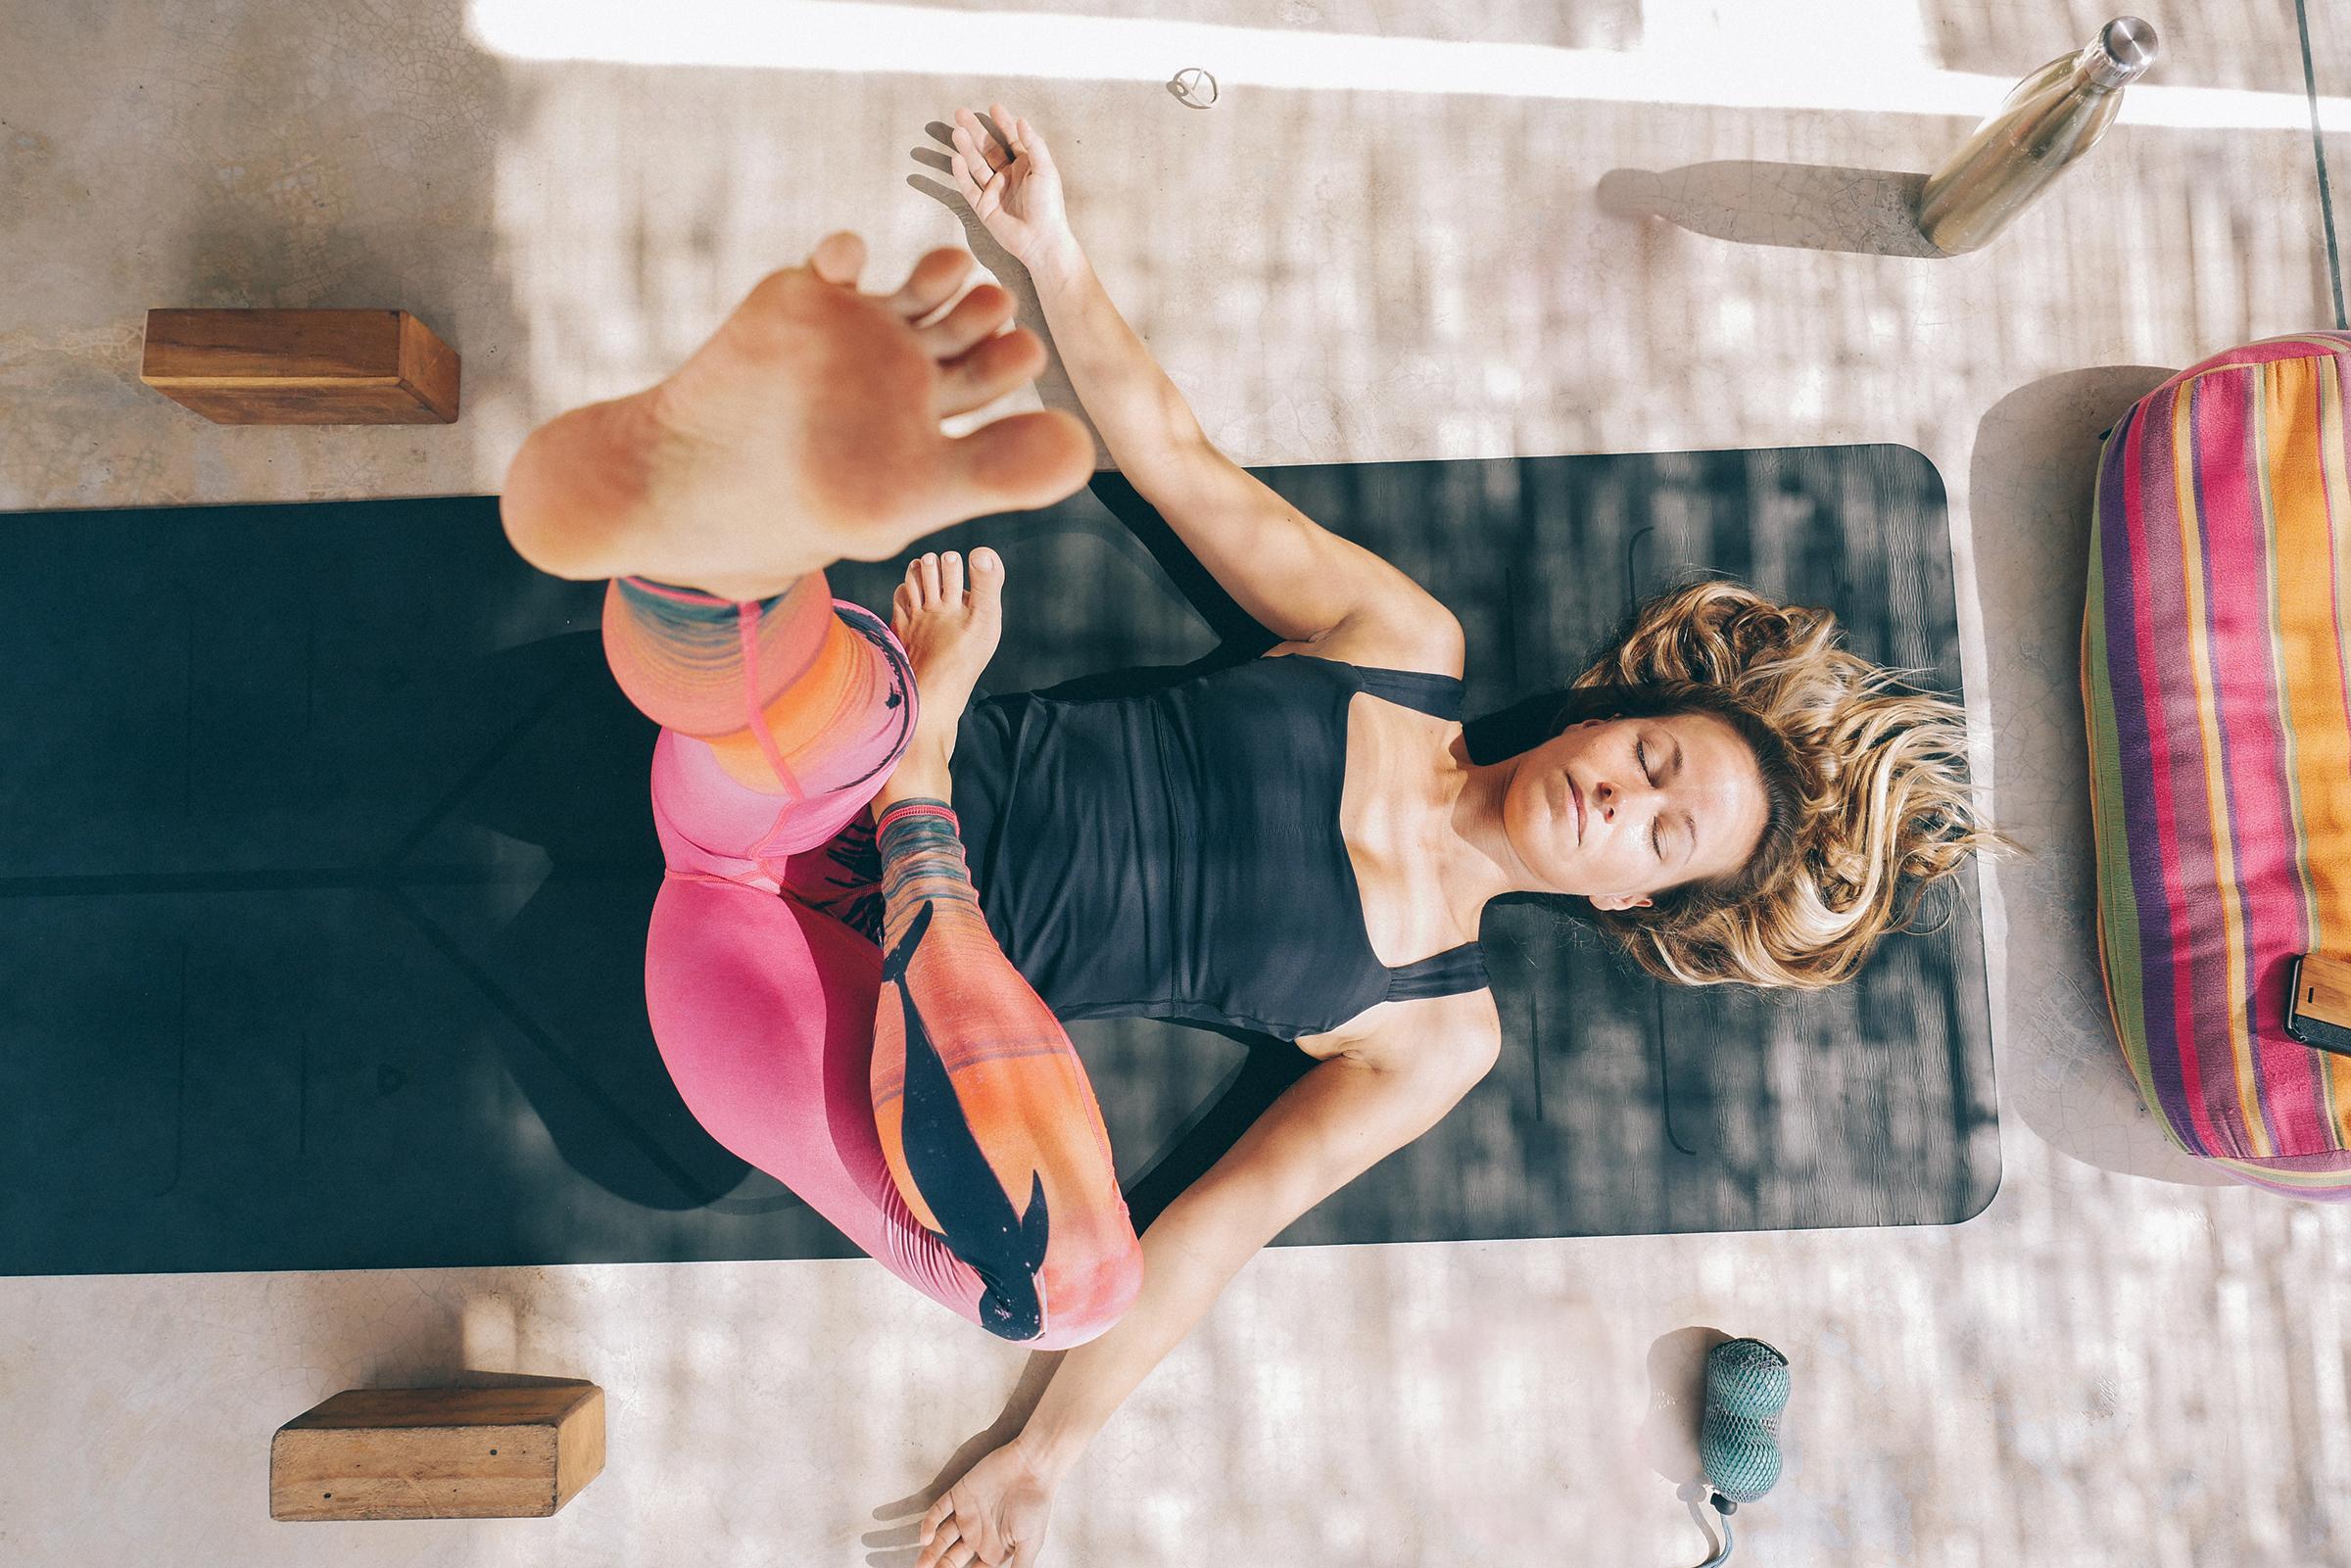 yoga-retreat-yoga-retreats-rachel-wainwright.jpg